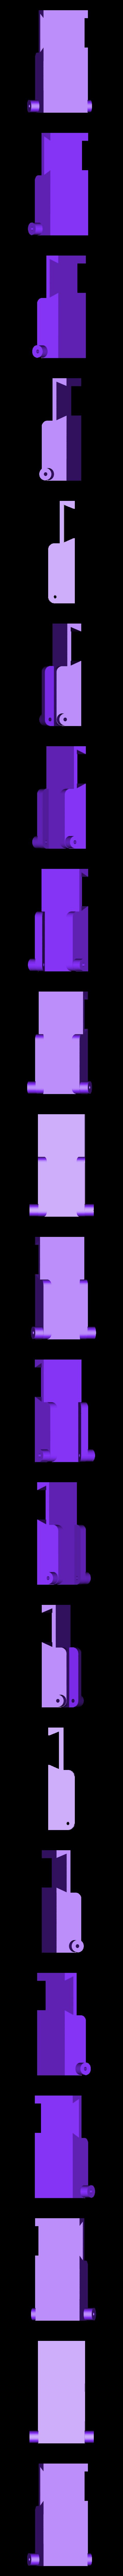 06_mini_glissiere_macro.stl Download free STL file Photo copier slides negative super 8 • Template to 3D print, titi01